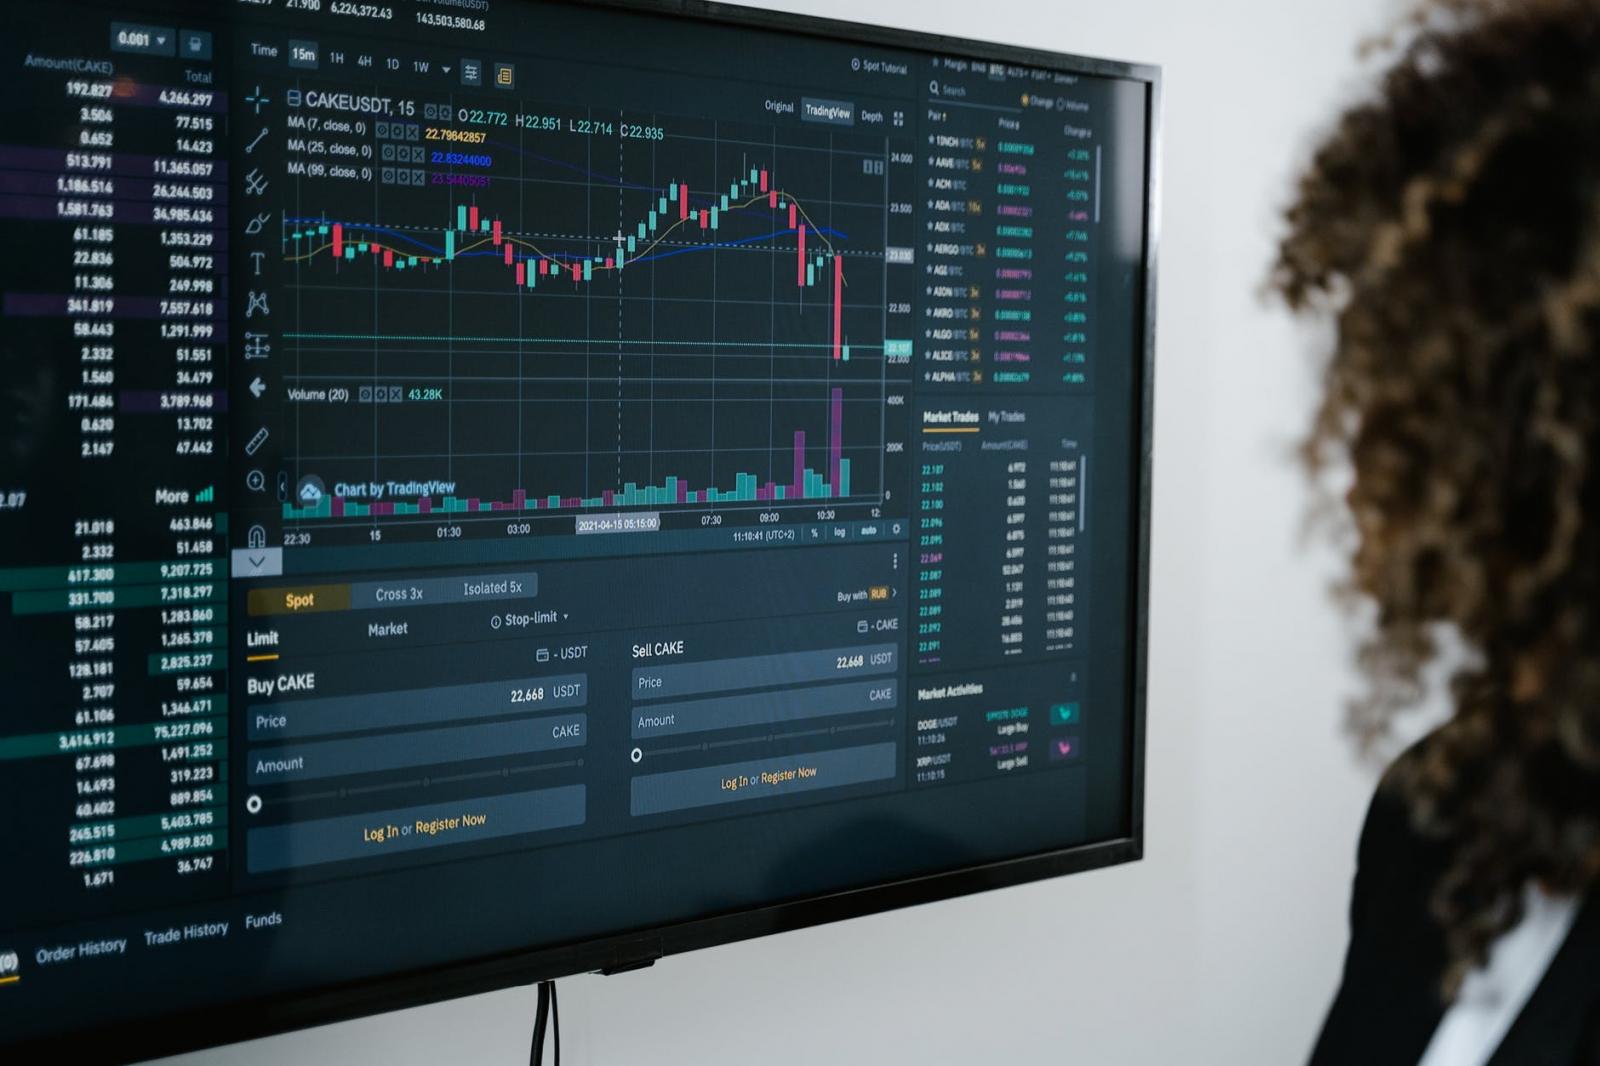 【理財專知】什麼是RSI指標?3分鐘學會用它判斷股票未來走勢